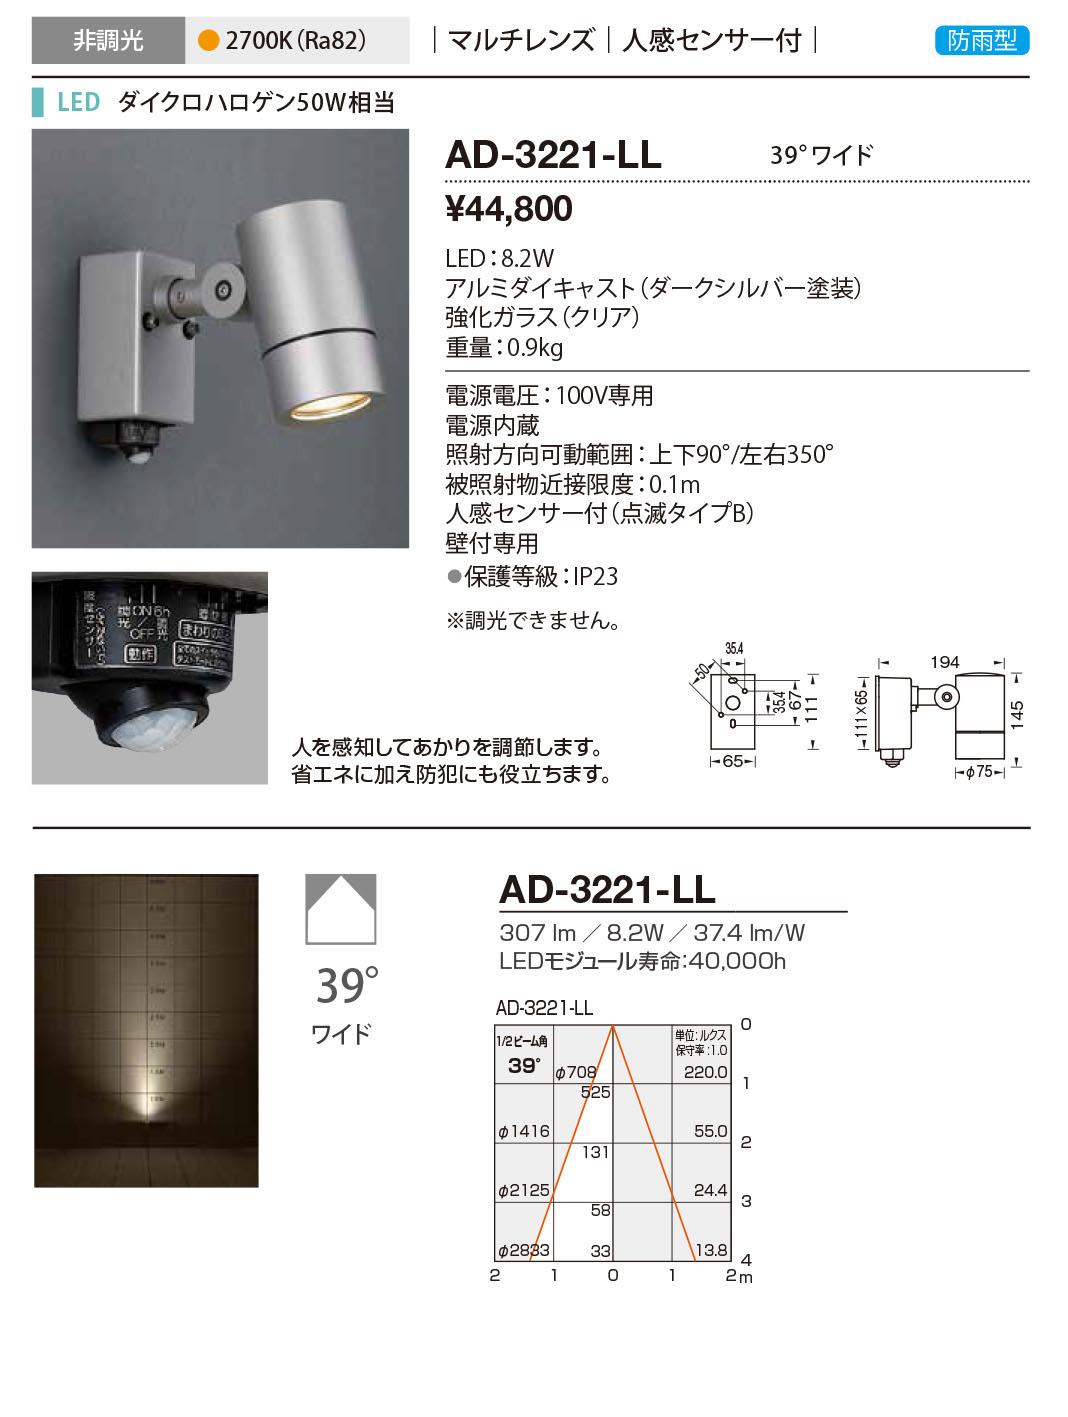 AD-3221-LL 山田照明 照明器具 エクステリア LED一体型スポットライト ディマブル75 非調光 マルチレンズ 人感センサー付 防雨型 ワイド ダイクロハロゲン50W相当 電球色 AD-3221-LL